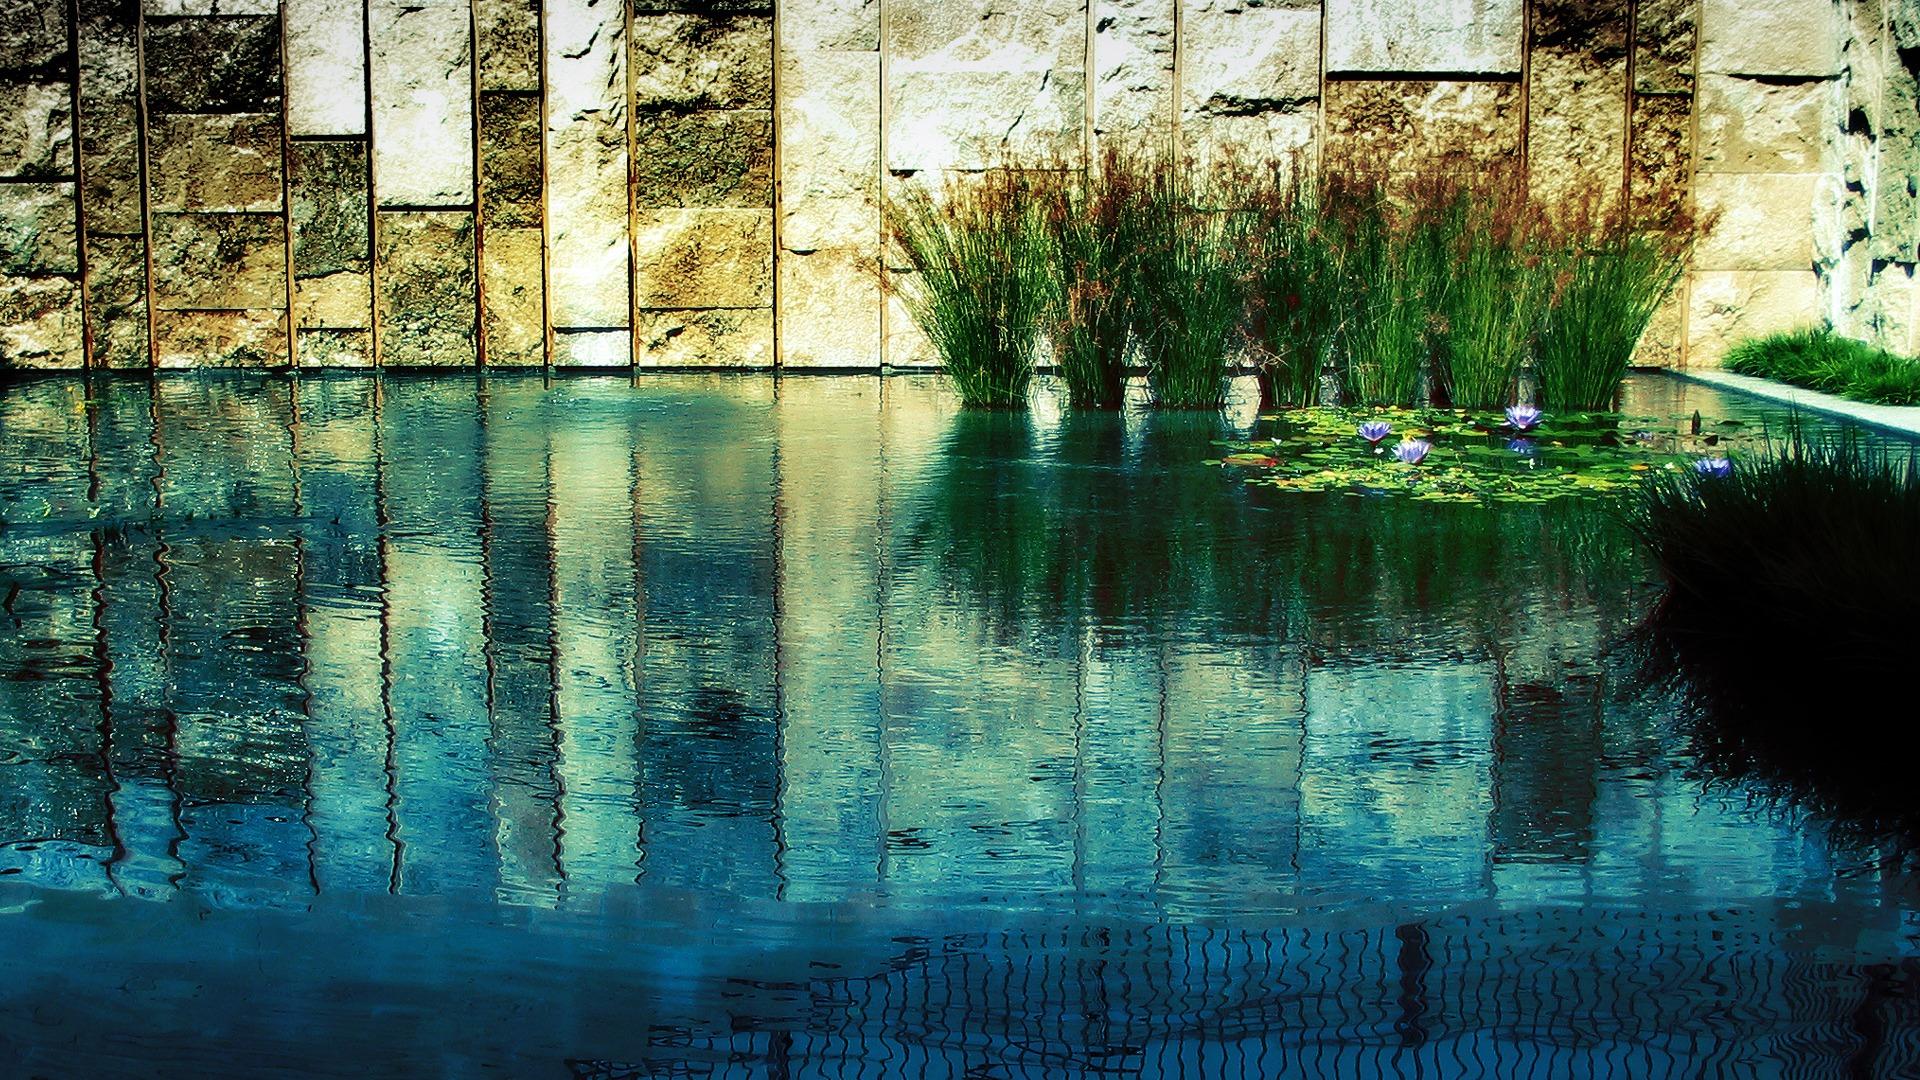 風景コレクションの壁紙 21 9 19x1080 壁紙ダウンロード 風景コレクションの壁紙 21 風景 壁紙 V3の壁紙